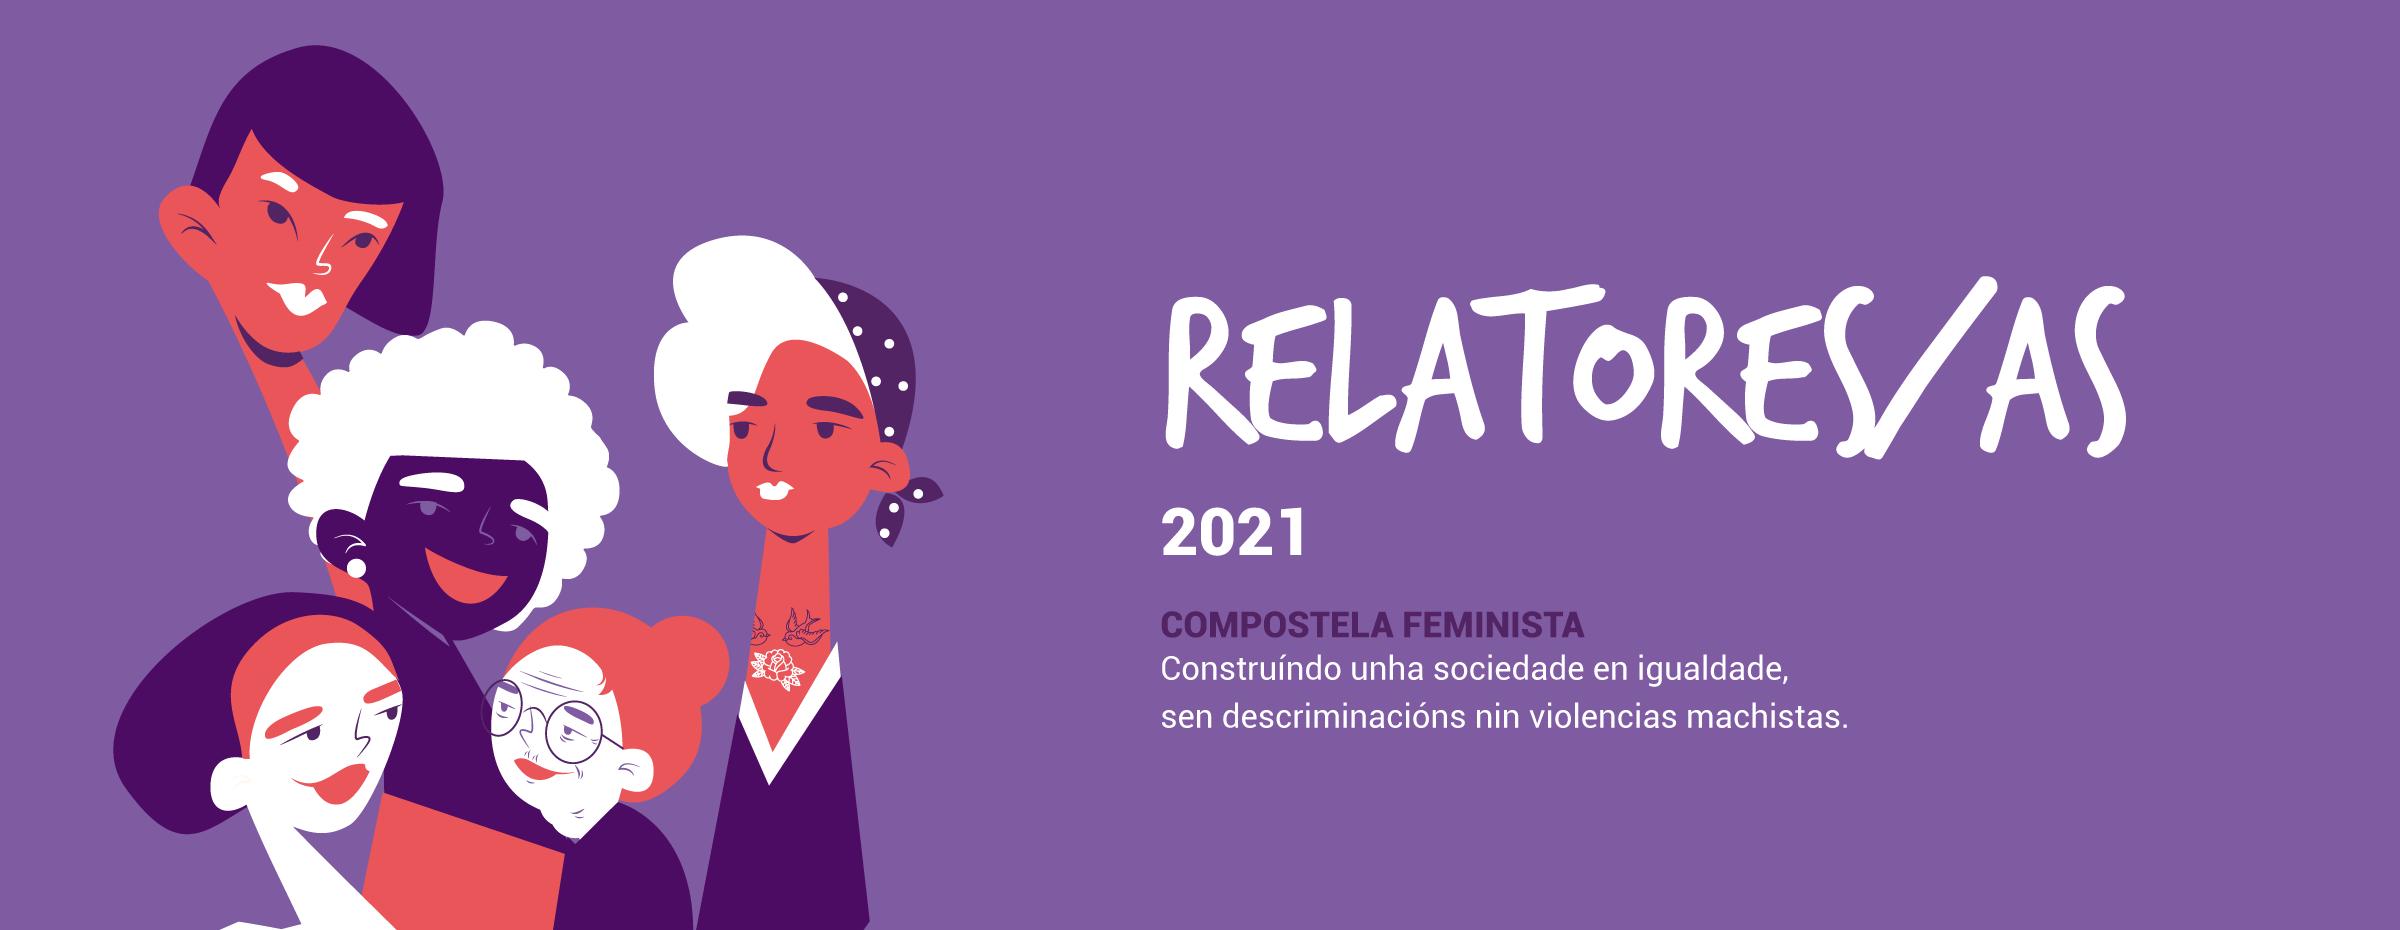 Artellando Feminismo